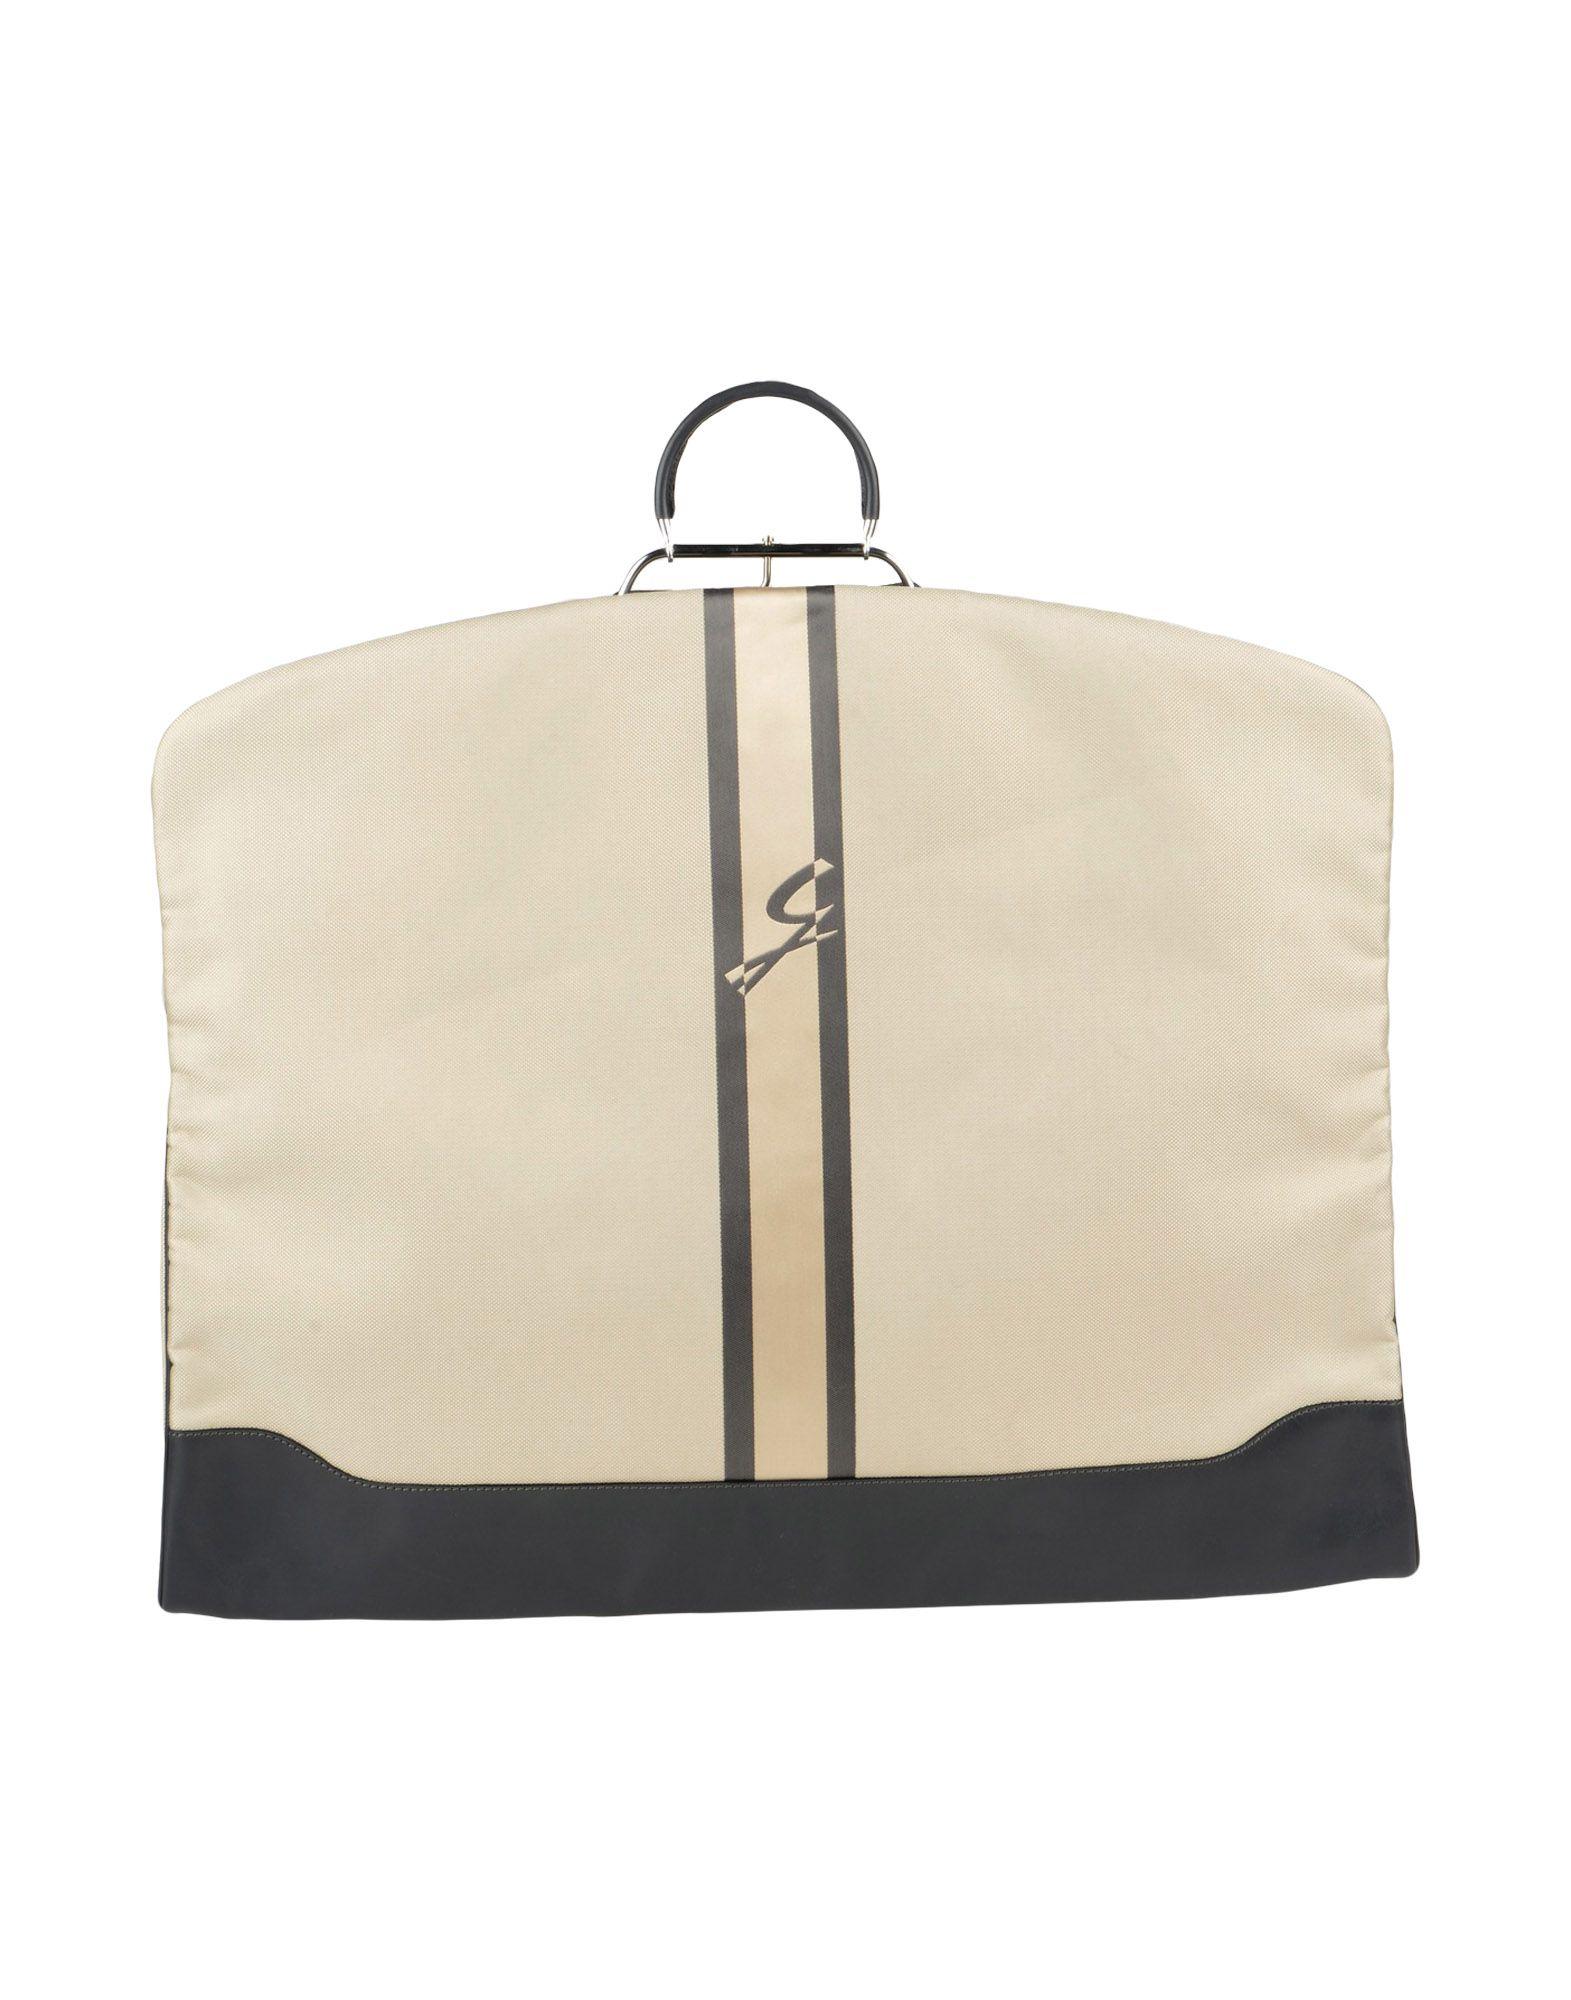 《送料無料》GATTINONI レディース スーツバッグ ベージュ 紡績繊維